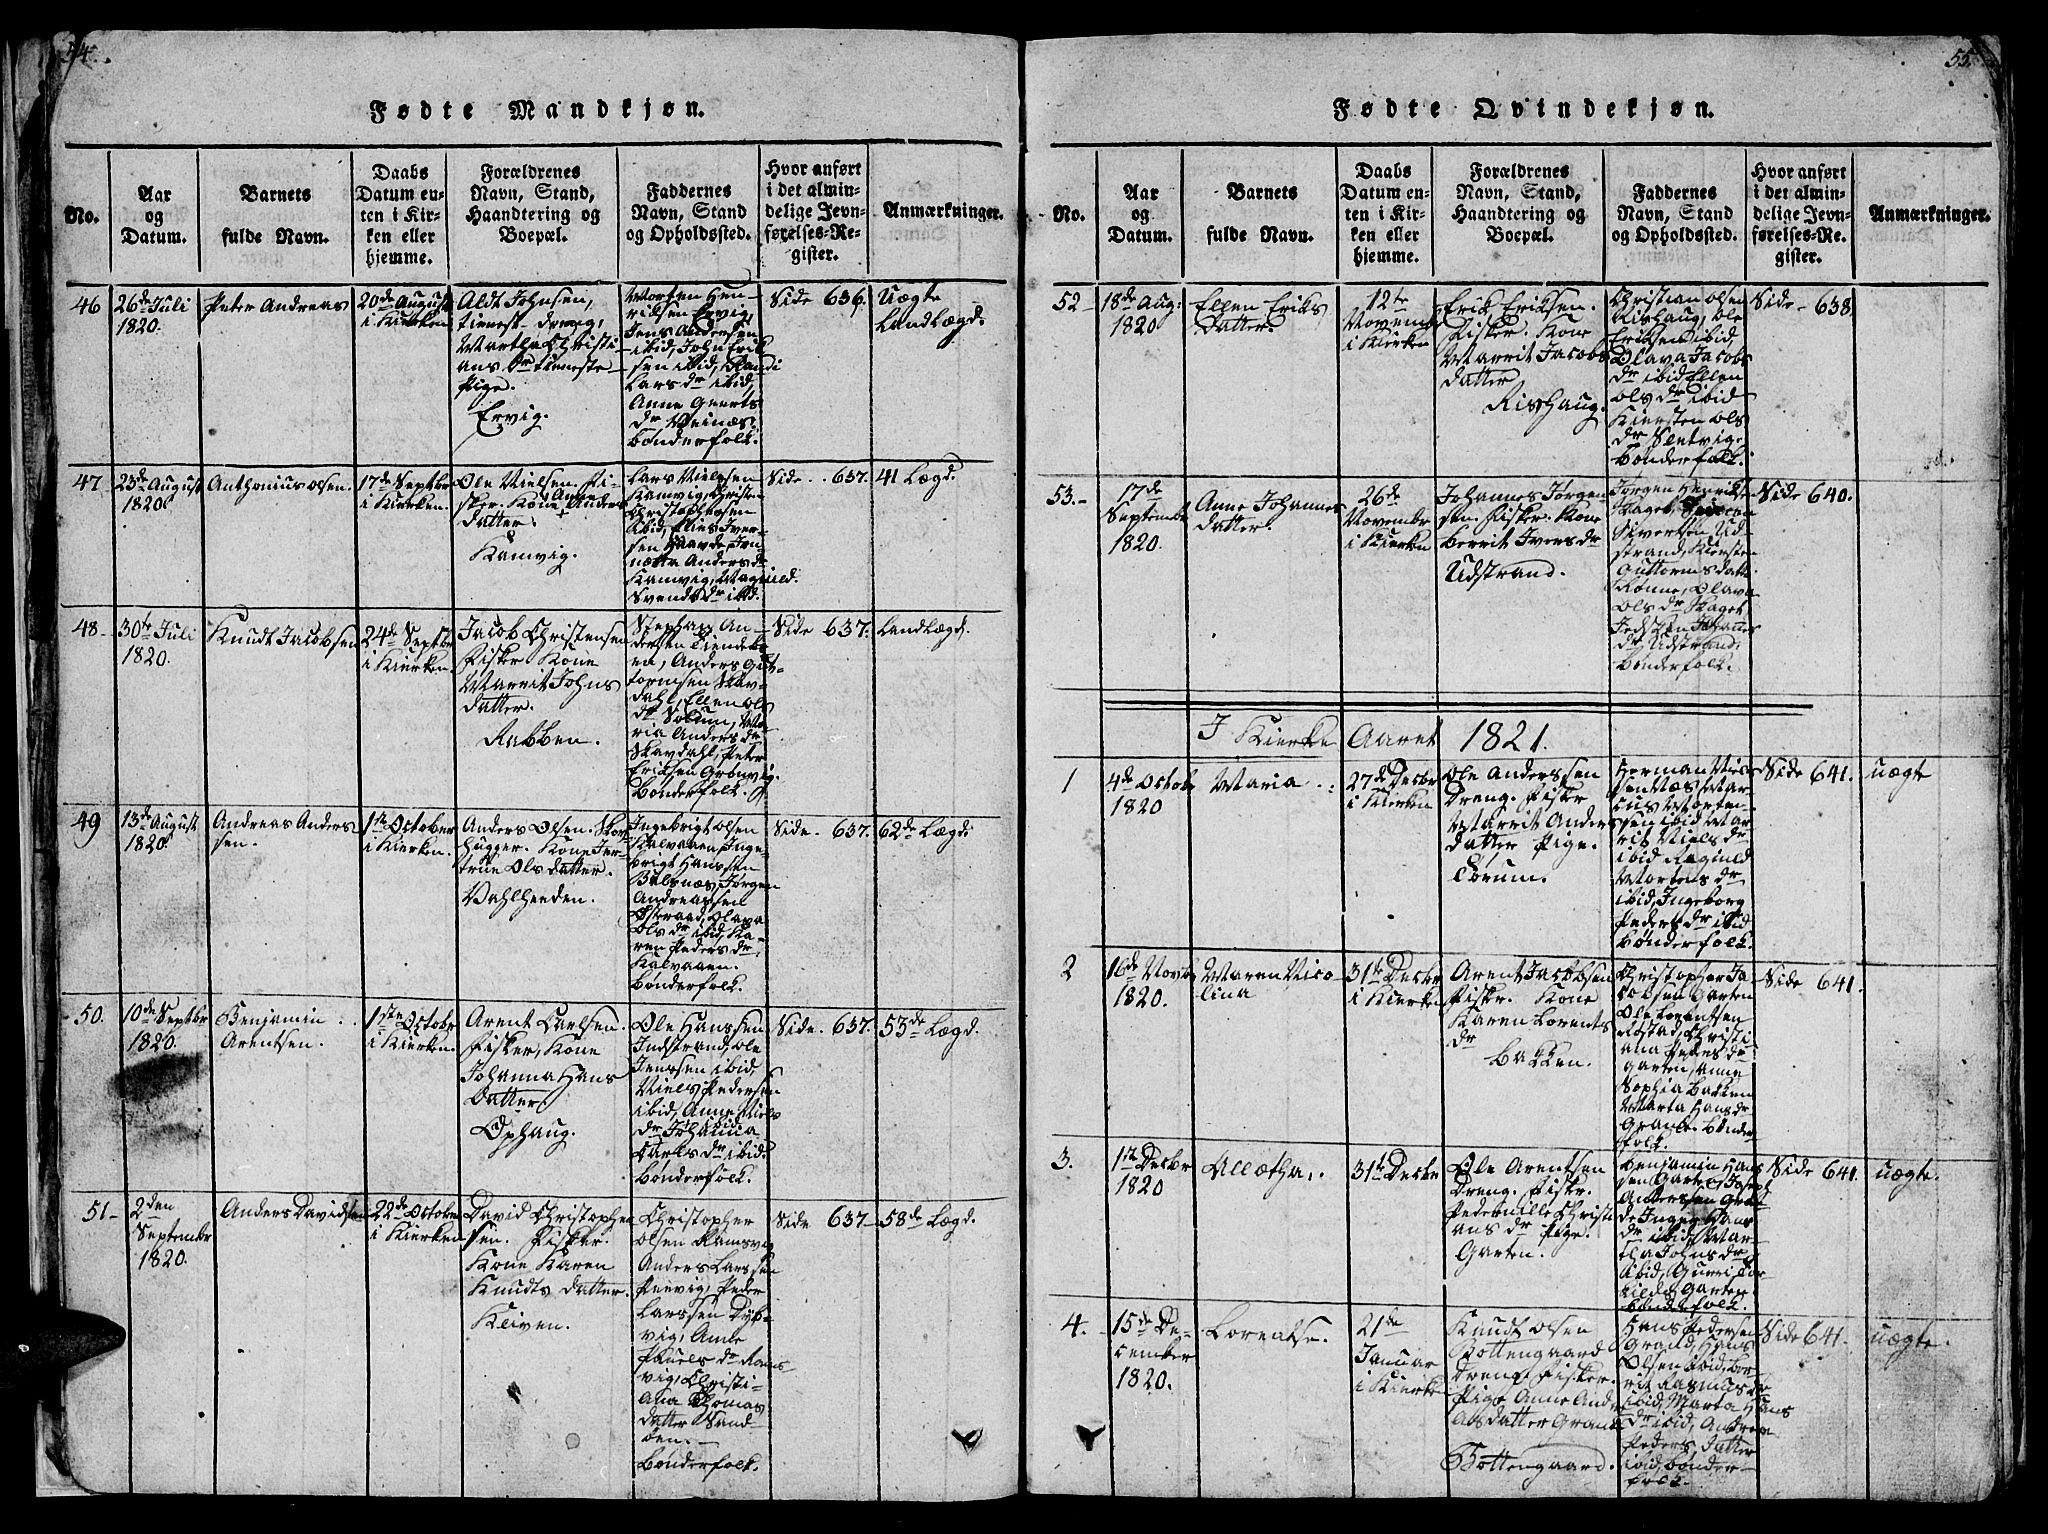 SAT, Ministerialprotokoller, klokkerbøker og fødselsregistre - Sør-Trøndelag, 659/L0744: Klokkerbok nr. 659C01, 1818-1825, s. 54-55